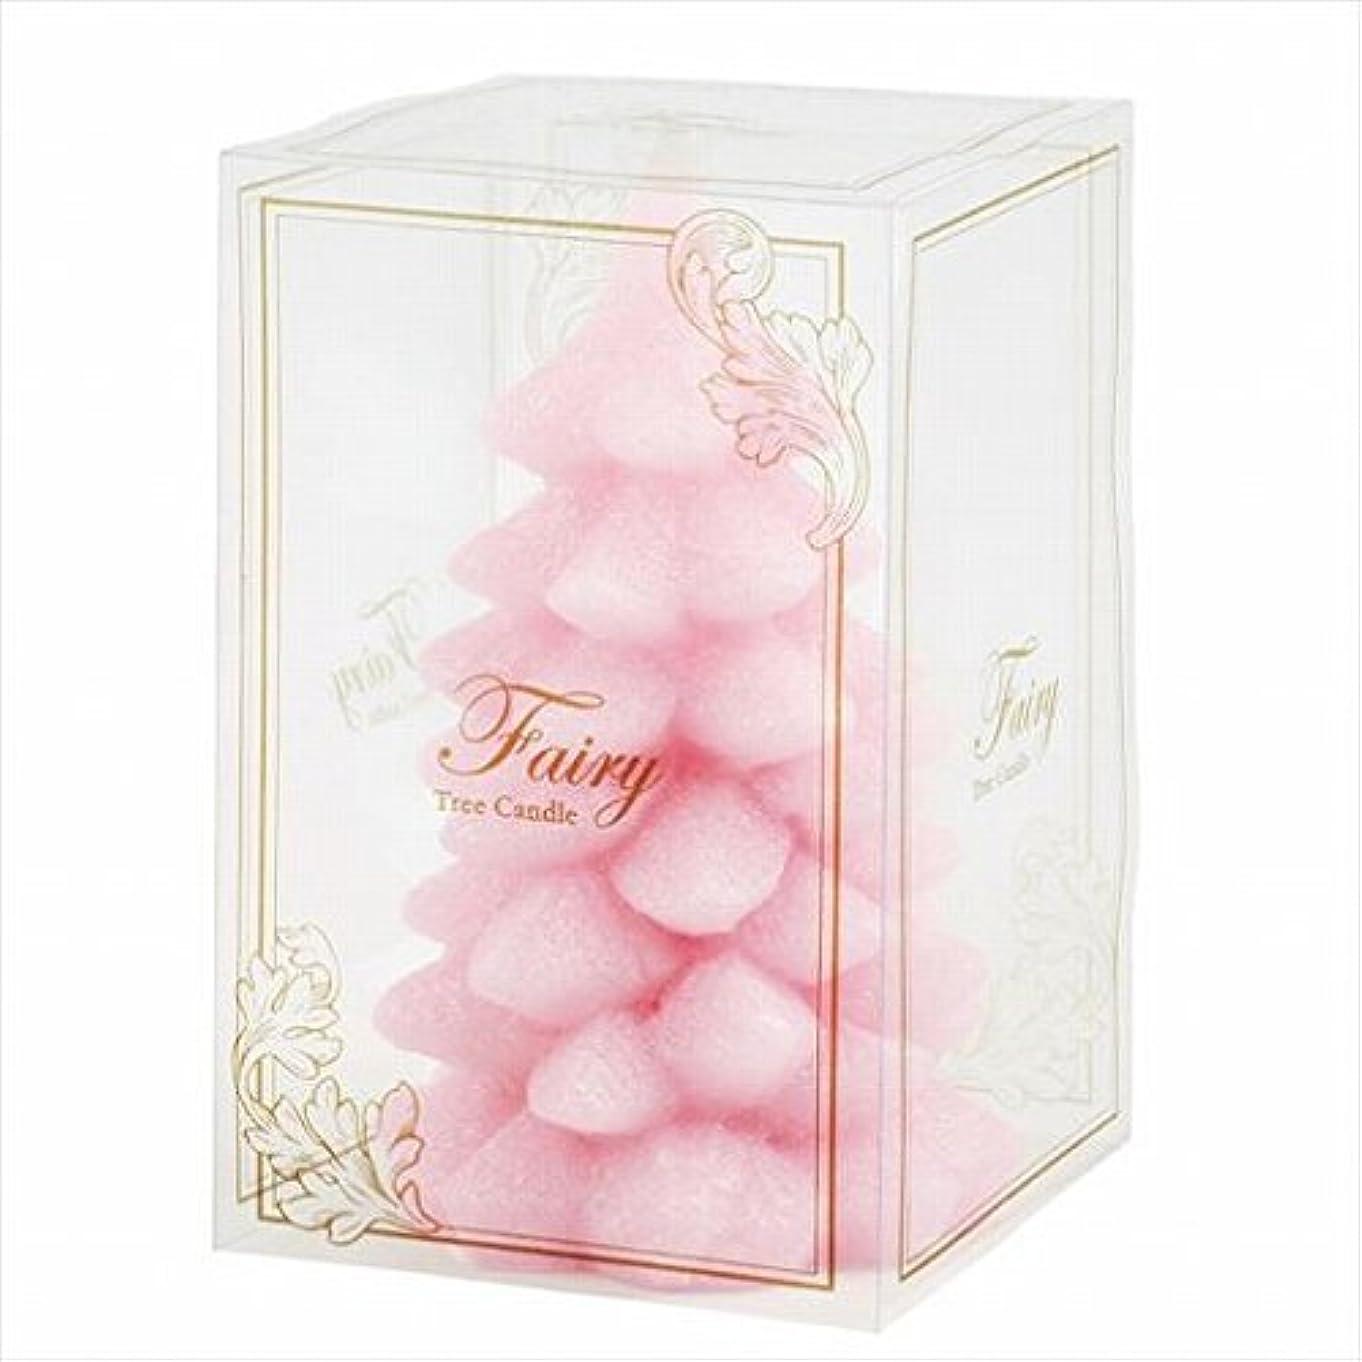 十分な段階出費カメヤマキャンドル(kameyama candle) フェアリーツリーL 「 ピンク 」